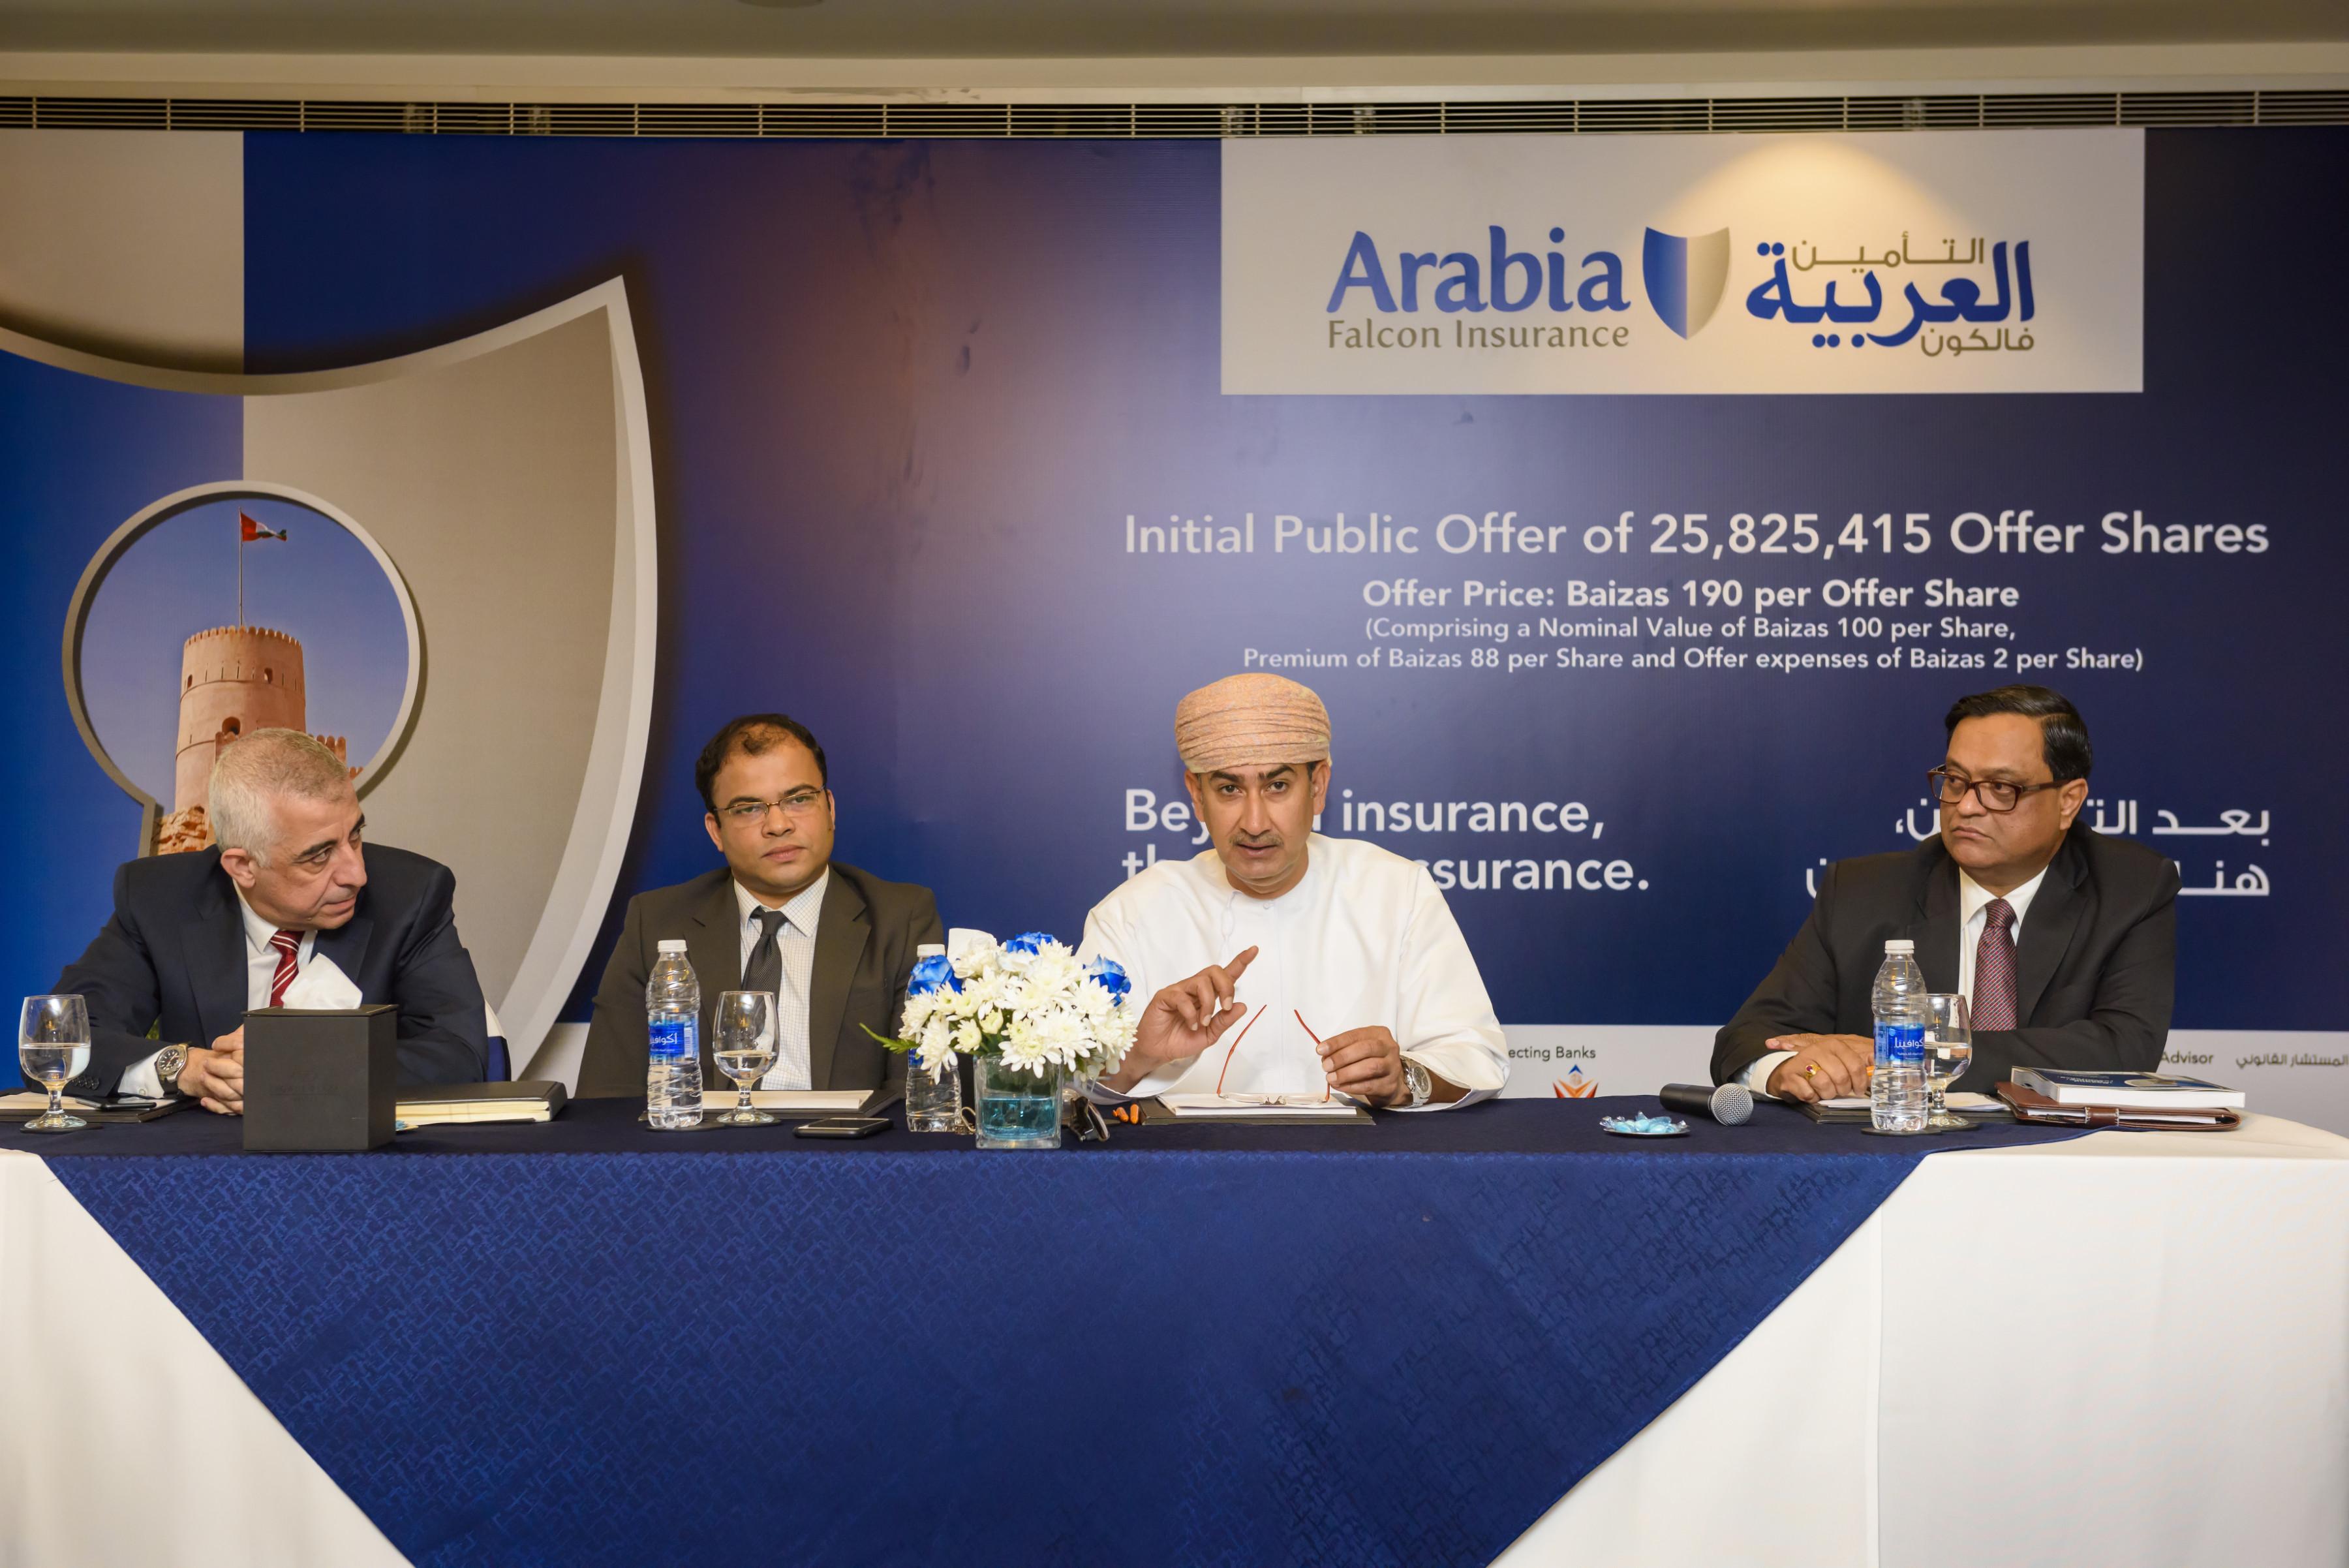 Arabia Falcon Insurance